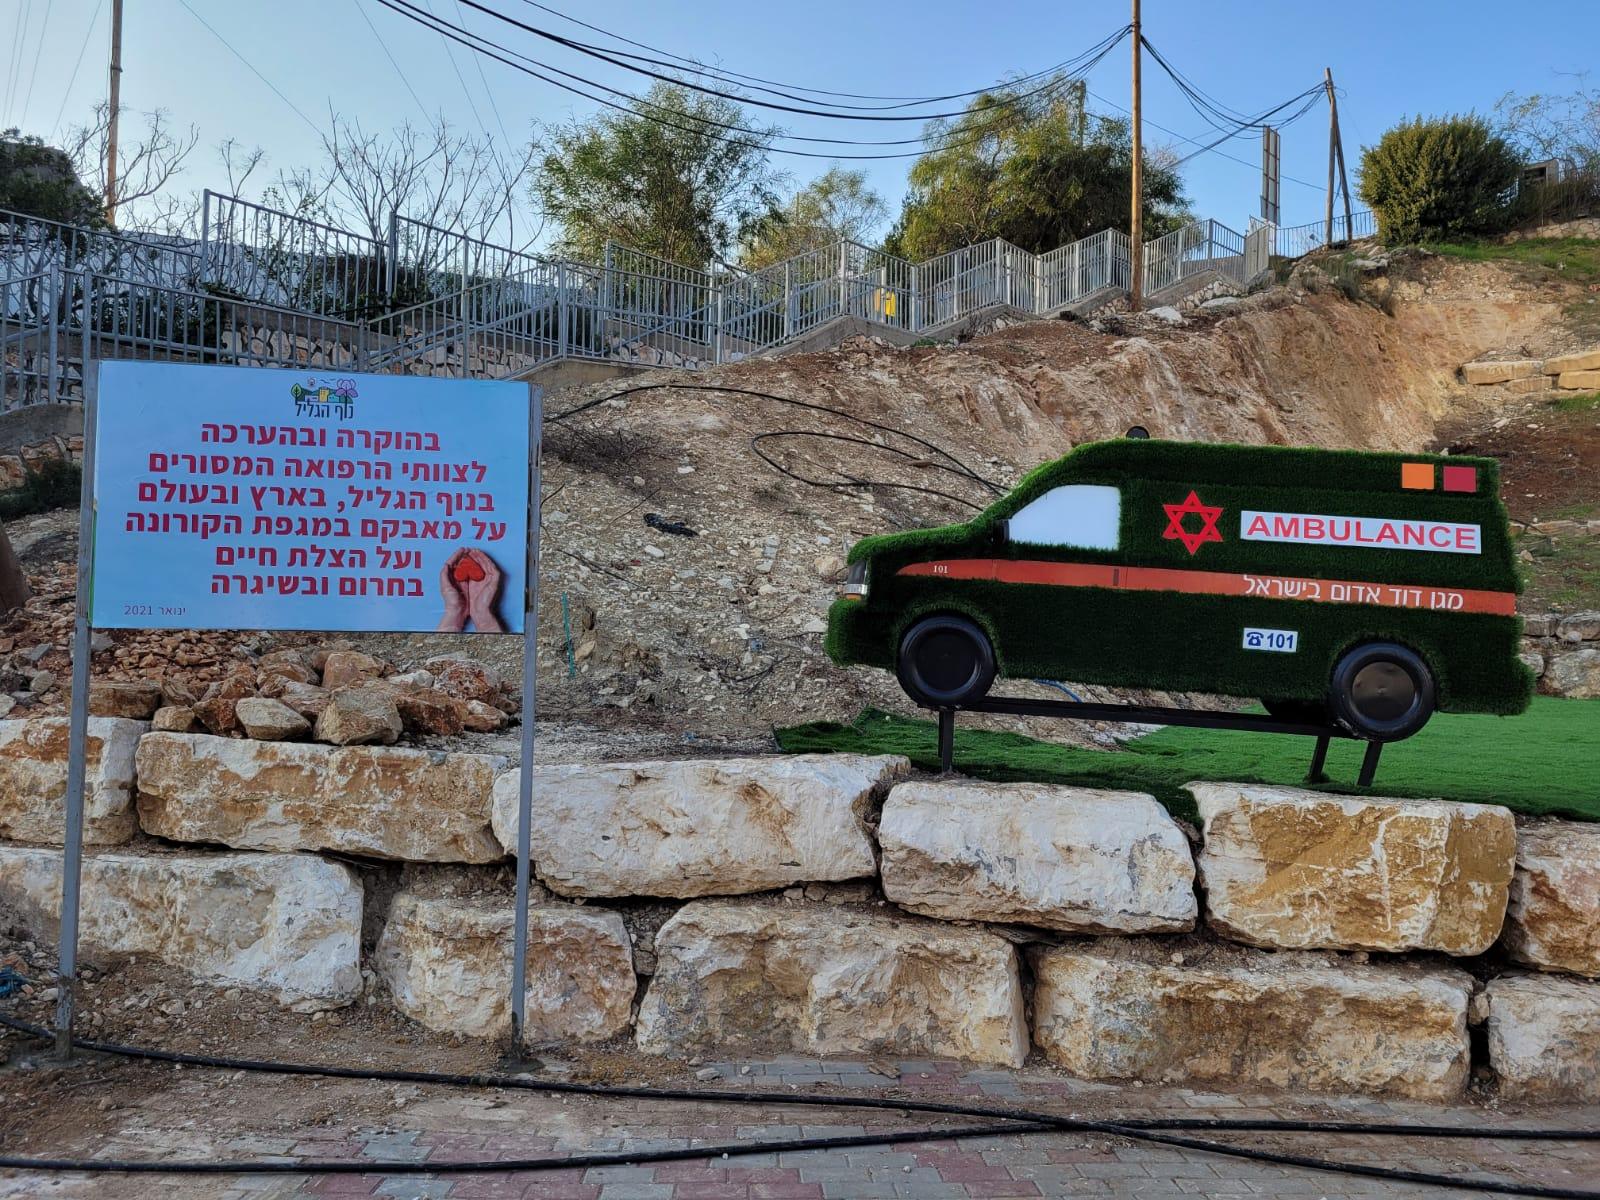 """עיריית נוף הגליל הציבה מיצג אמבולנס ירוק עשוי דשא סינטטי בכניסה למתחם מד""""א, כאות הוקרה והערכה לפועלם של הצוותים הרפואיים במגפת הקורונה"""